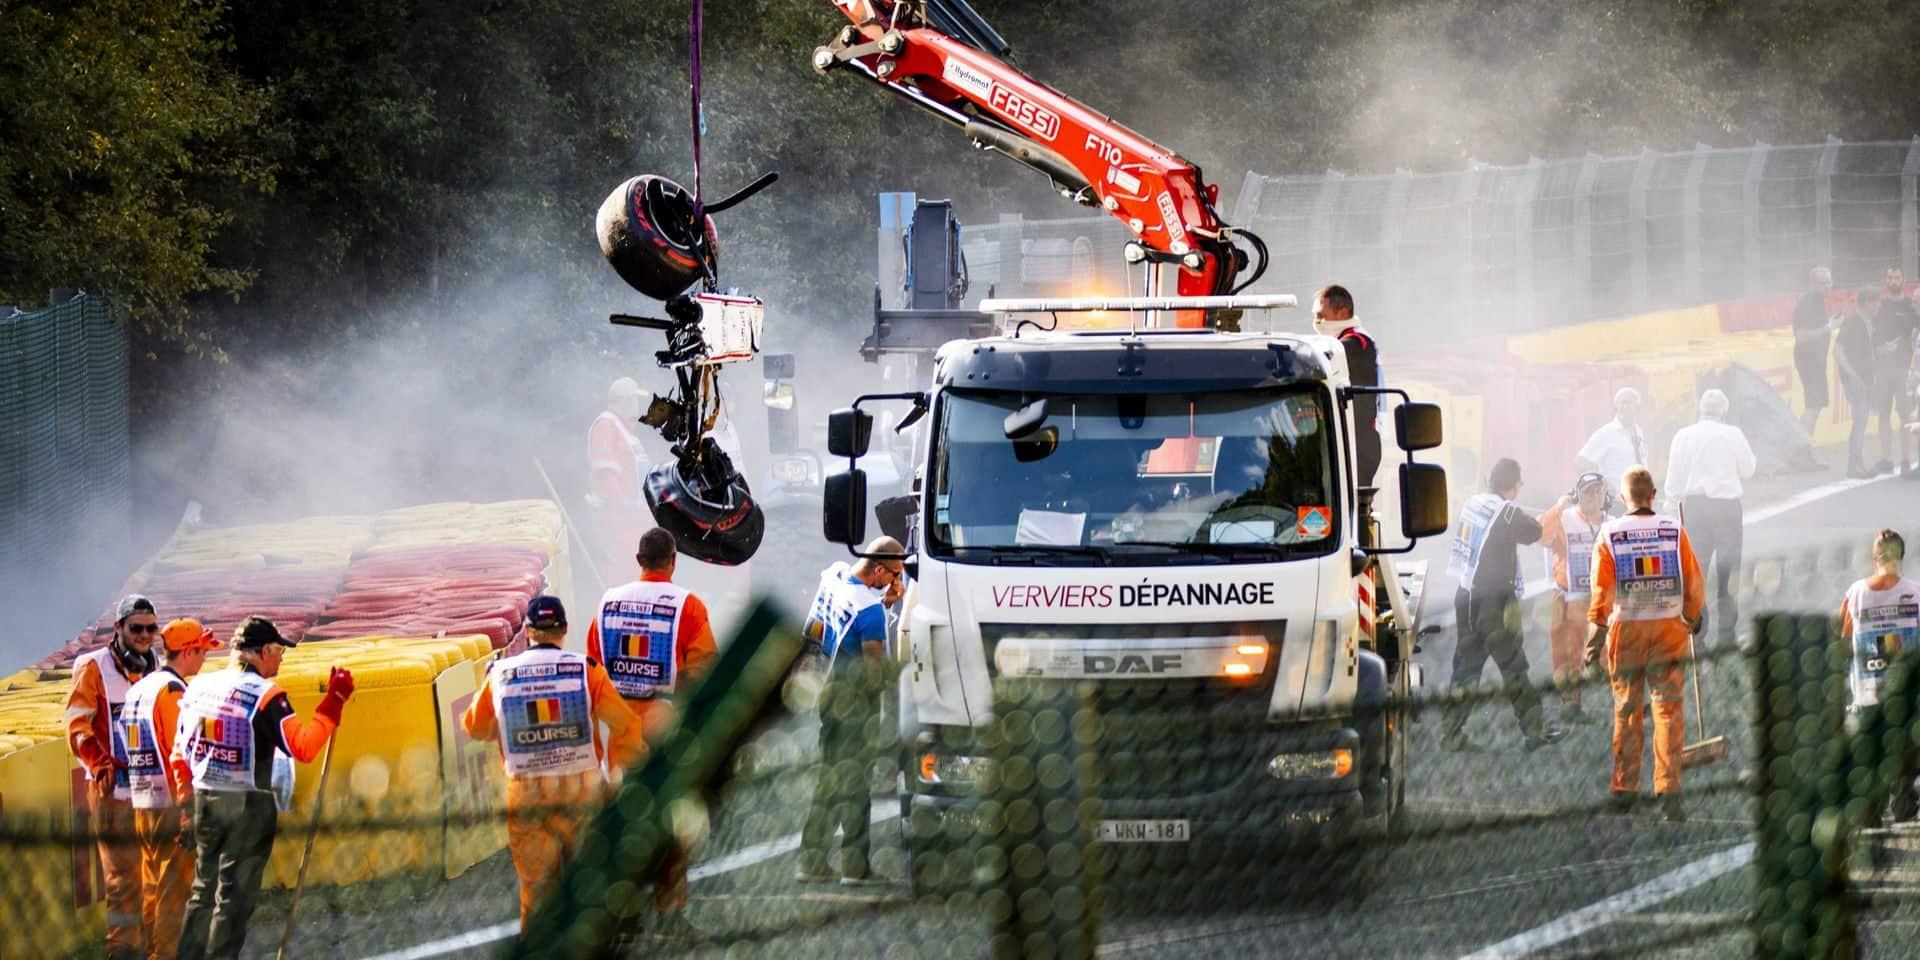 Effrayant crash en Formule 2 à Spa-Francorchamps: le pilote Anthoine Hubert est décédé